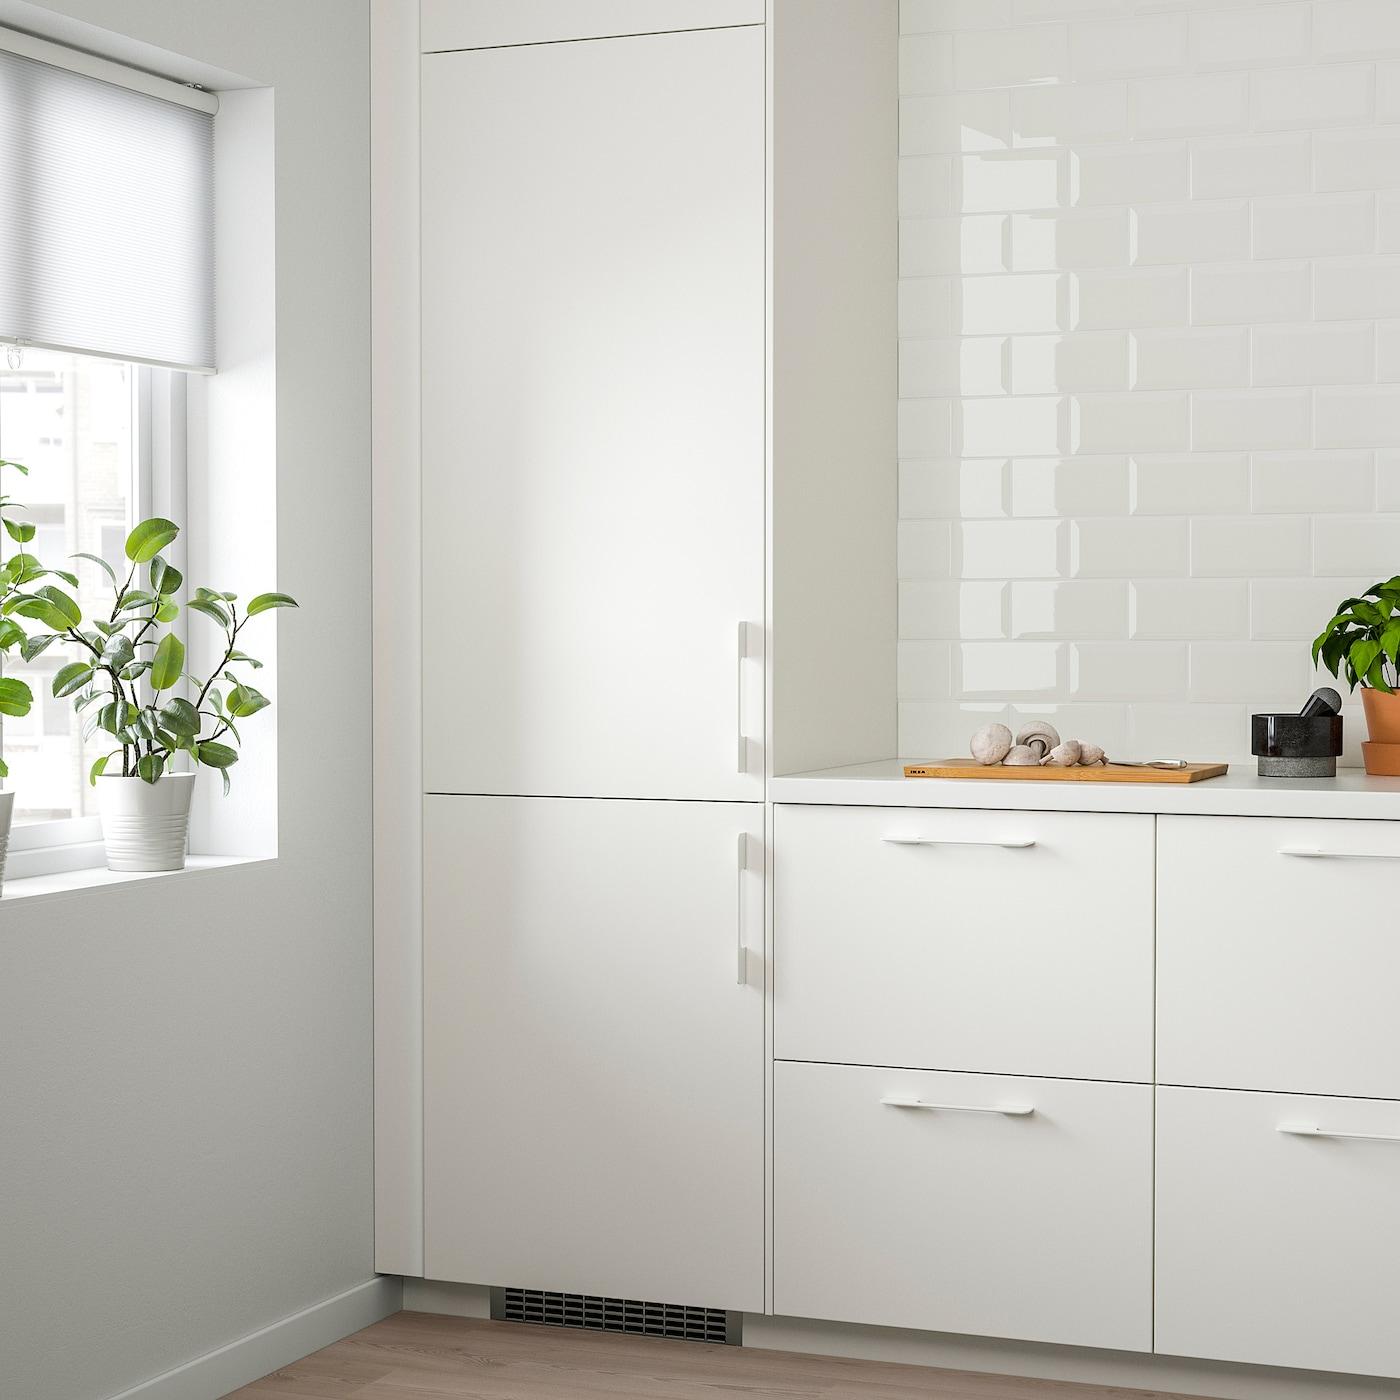 TINAD integrated fridge/freezer A++ white 54.0 cm 54.5 cm 185.7 cm 230 cm 210 l 79 l 60.00 kg